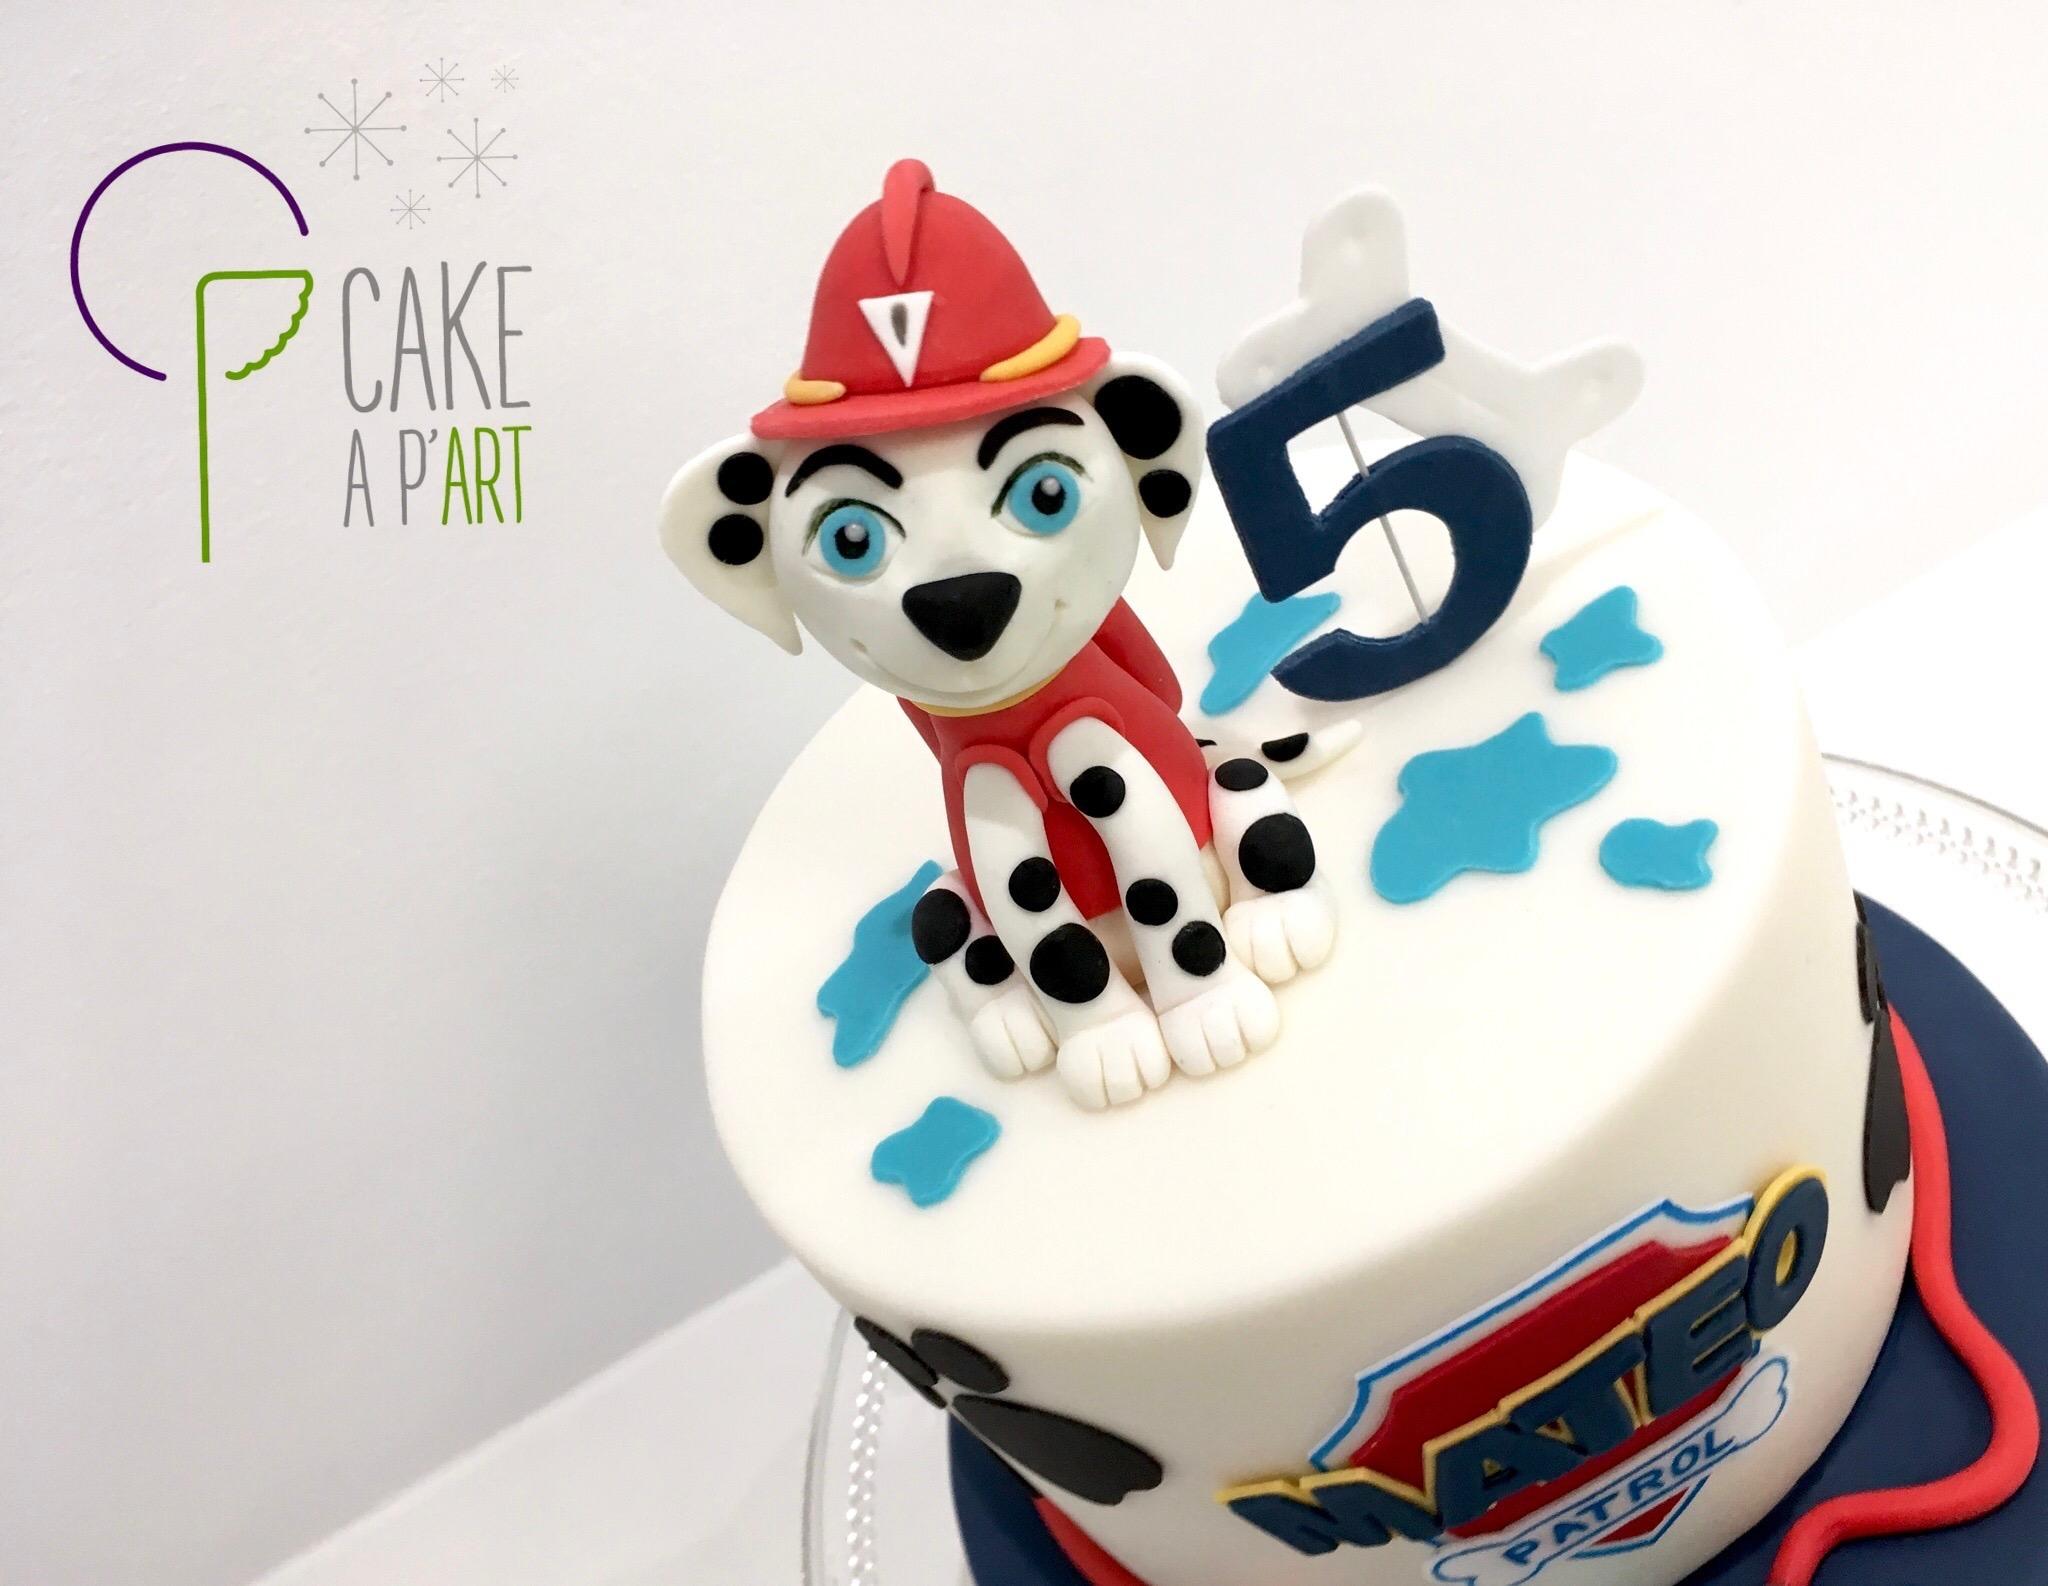 Décor modelage en sucre gâteaux personnalisés - Anniversaire Thème Pat patrouille Chien Marcus